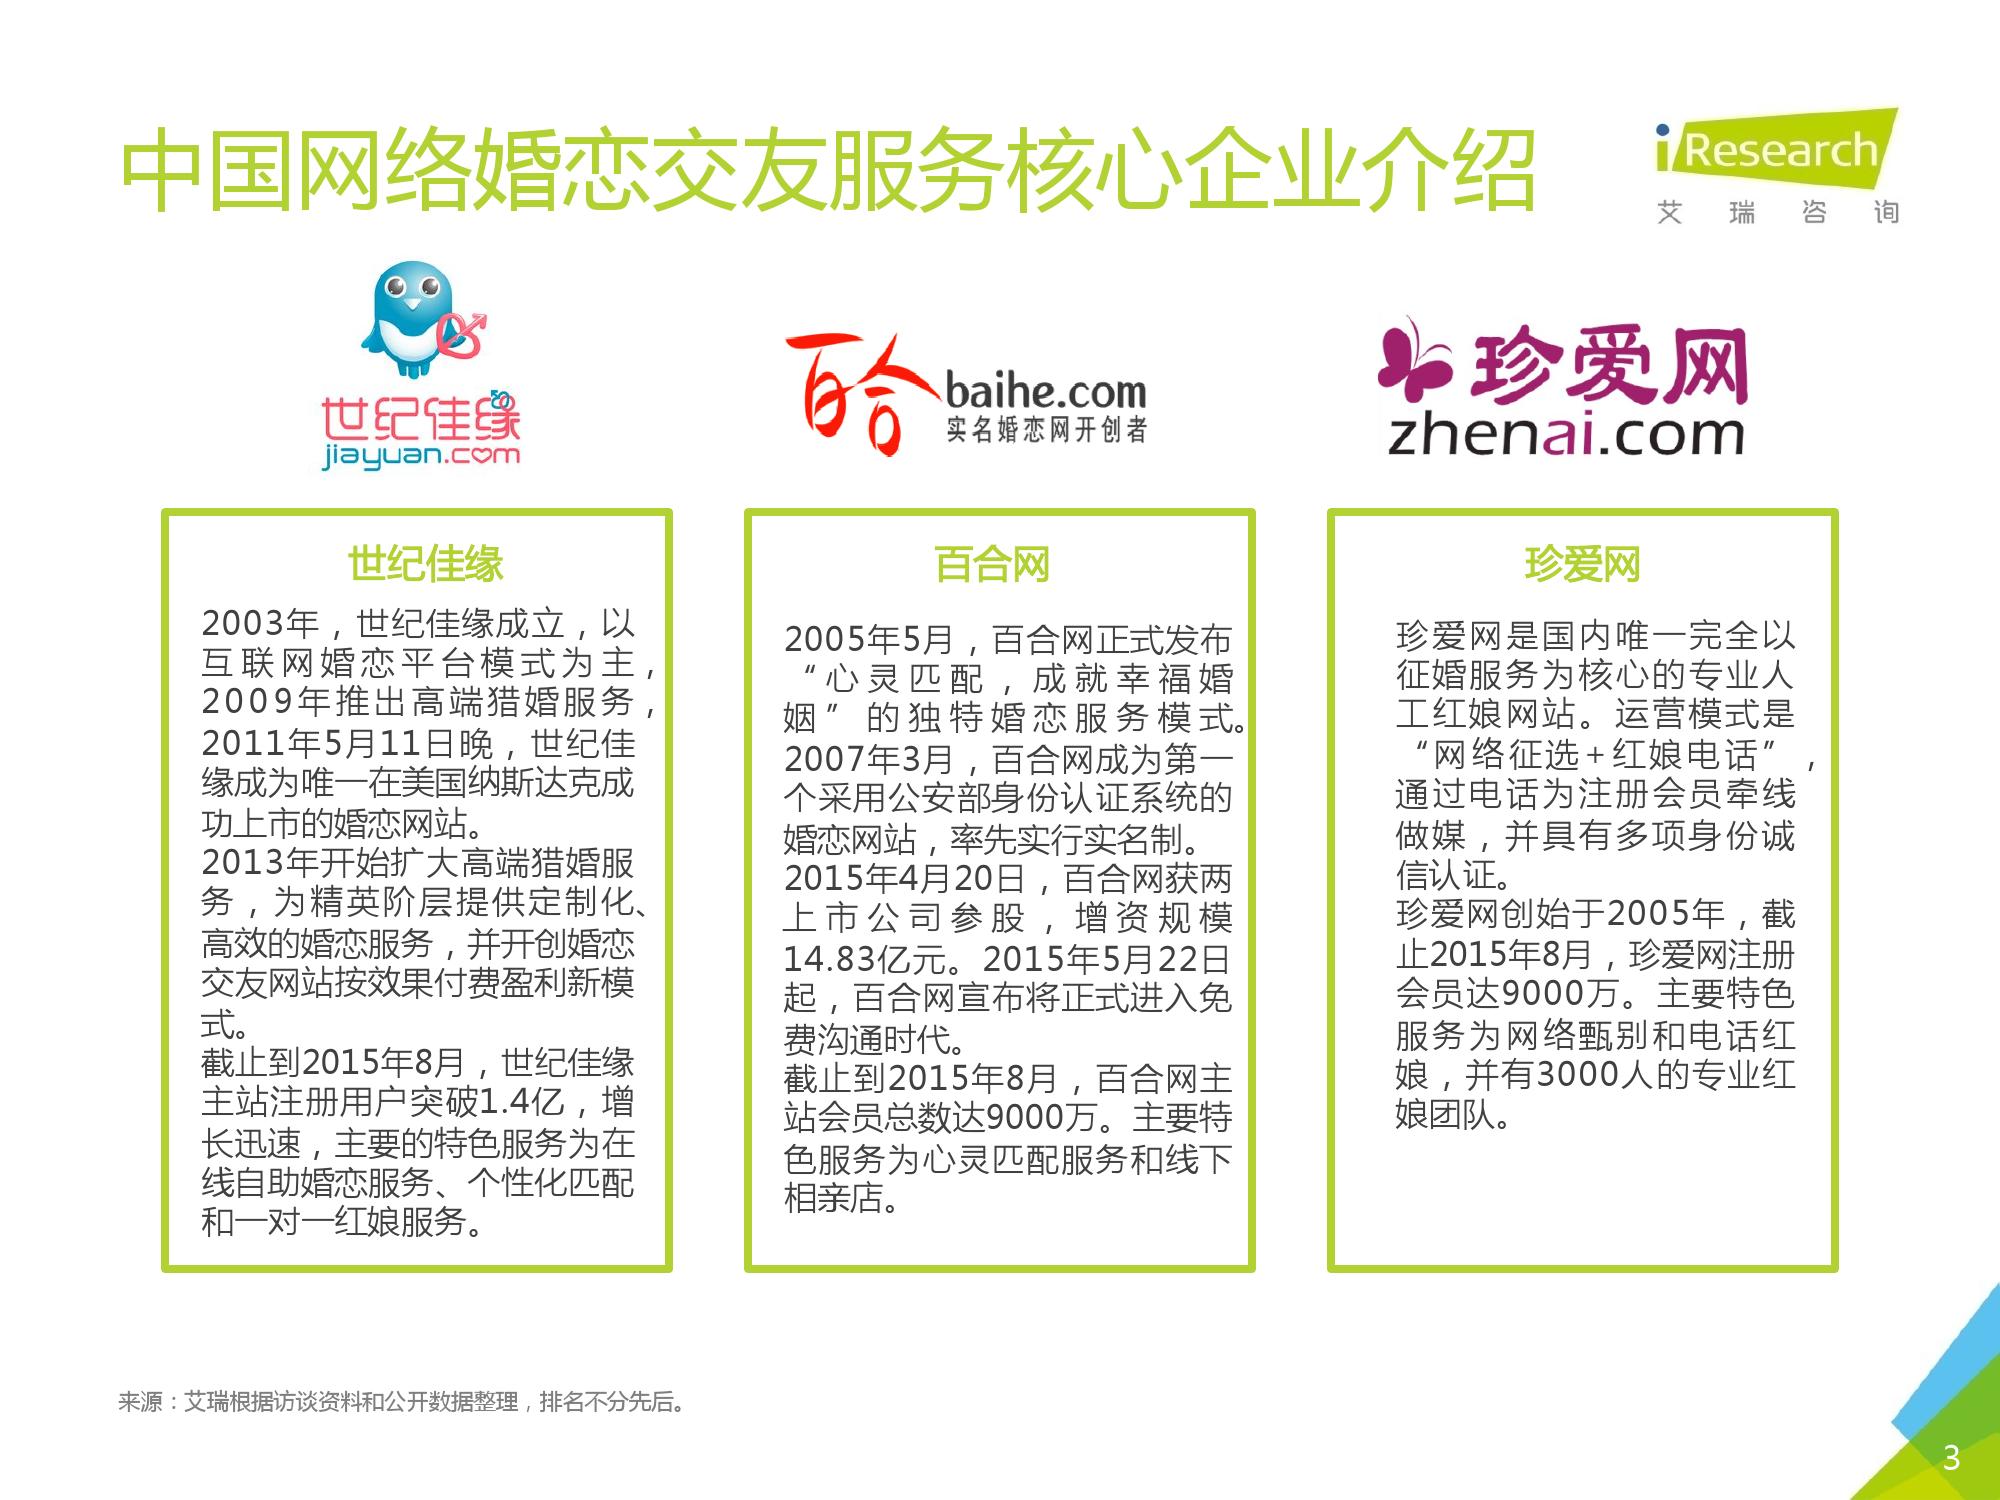 2016Q1中国网络婚恋行业季度监测报告_000003